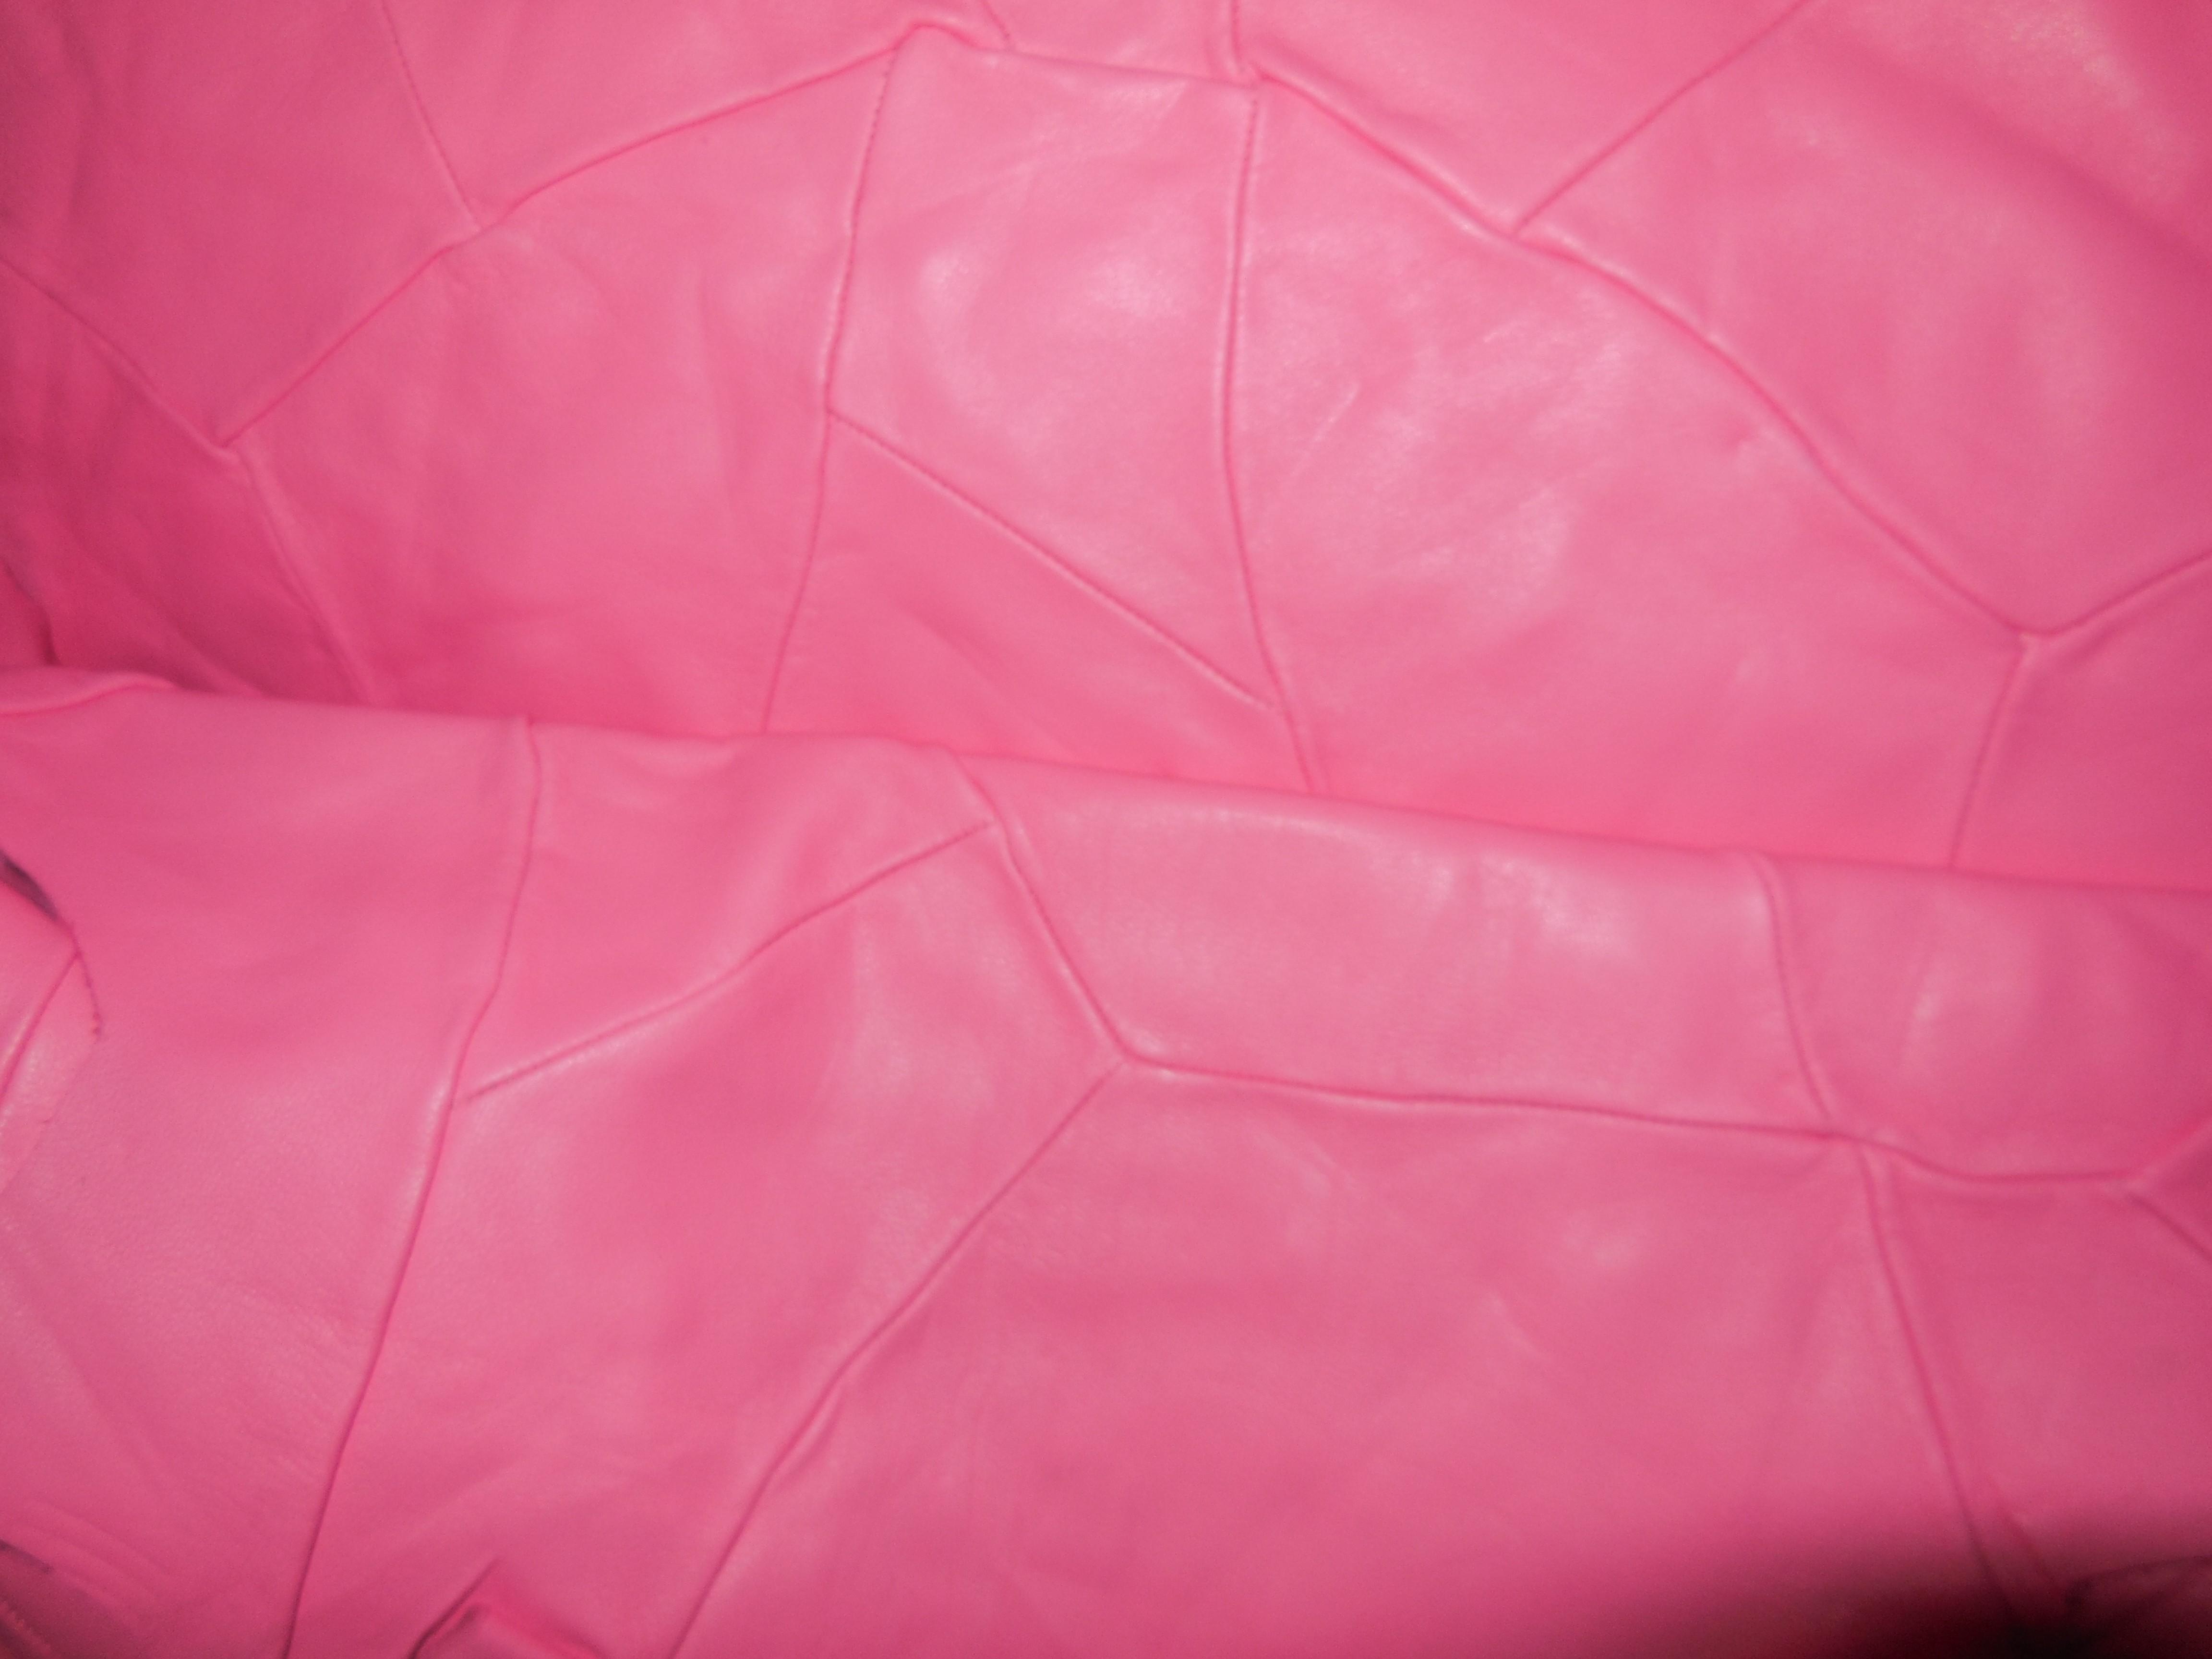 Ekskluzywna skóra naturalna licowa, miękka w  ślicznym różowym kolorze. Skóra naturalna licowa różowa sprzedaż - skory naturalne hurtownia w Leather-design.eu